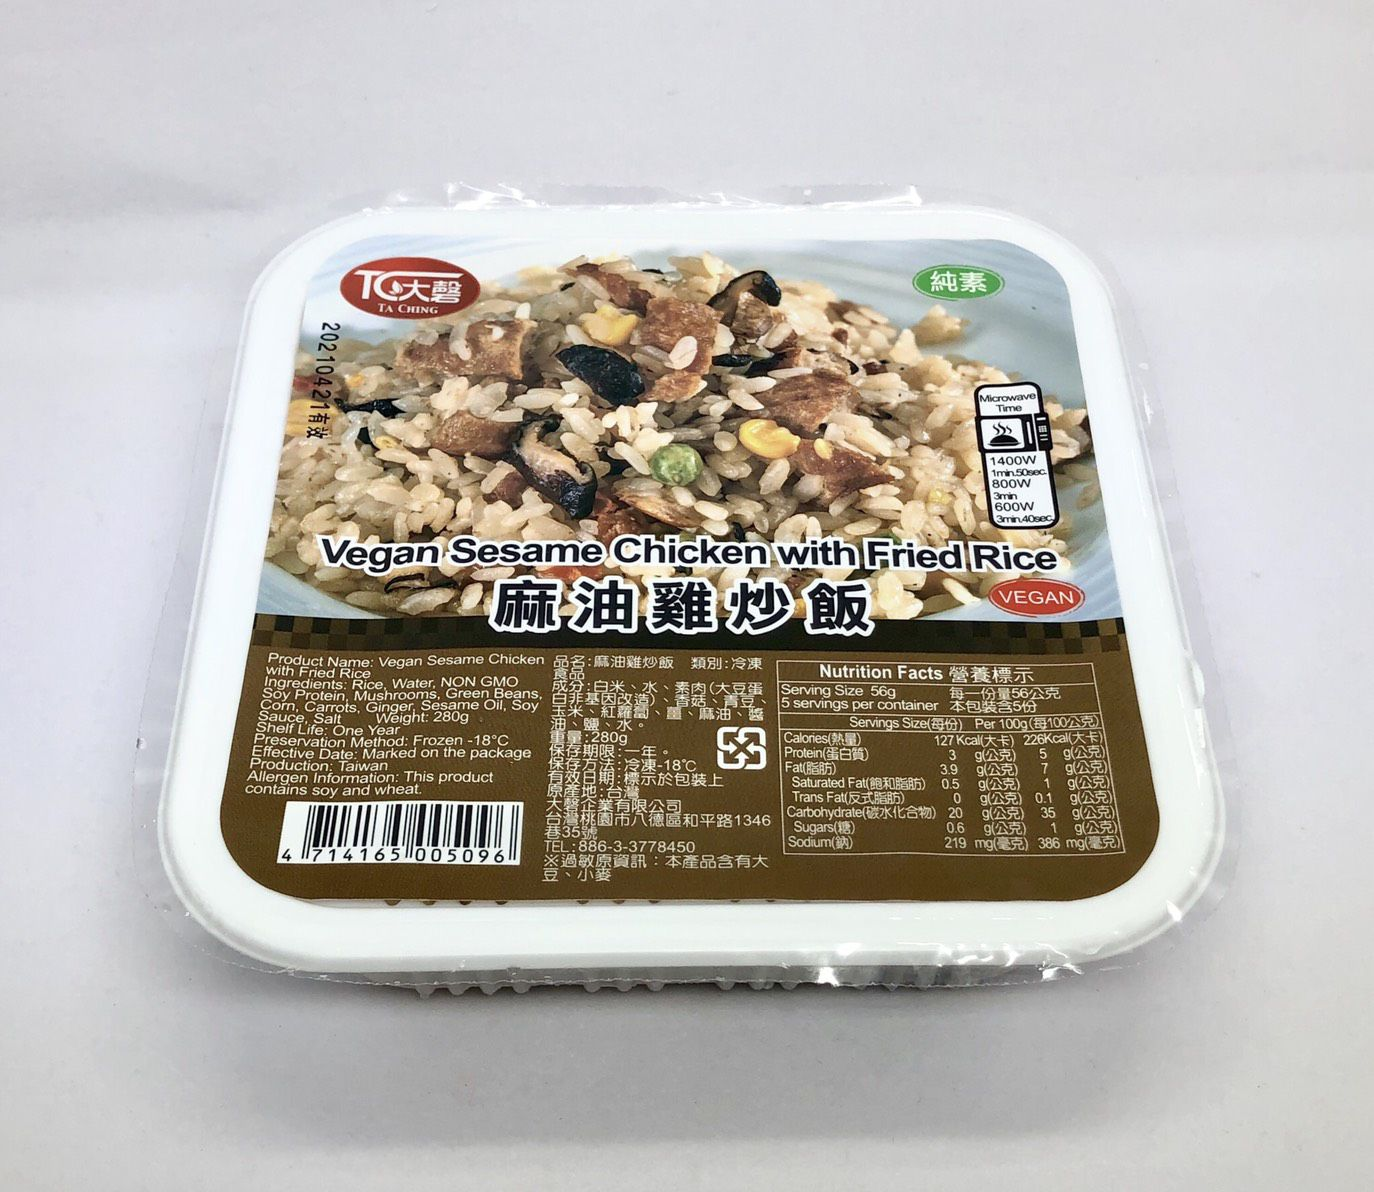 (大磬福鼎)麻油雞炒飯280g(全素)